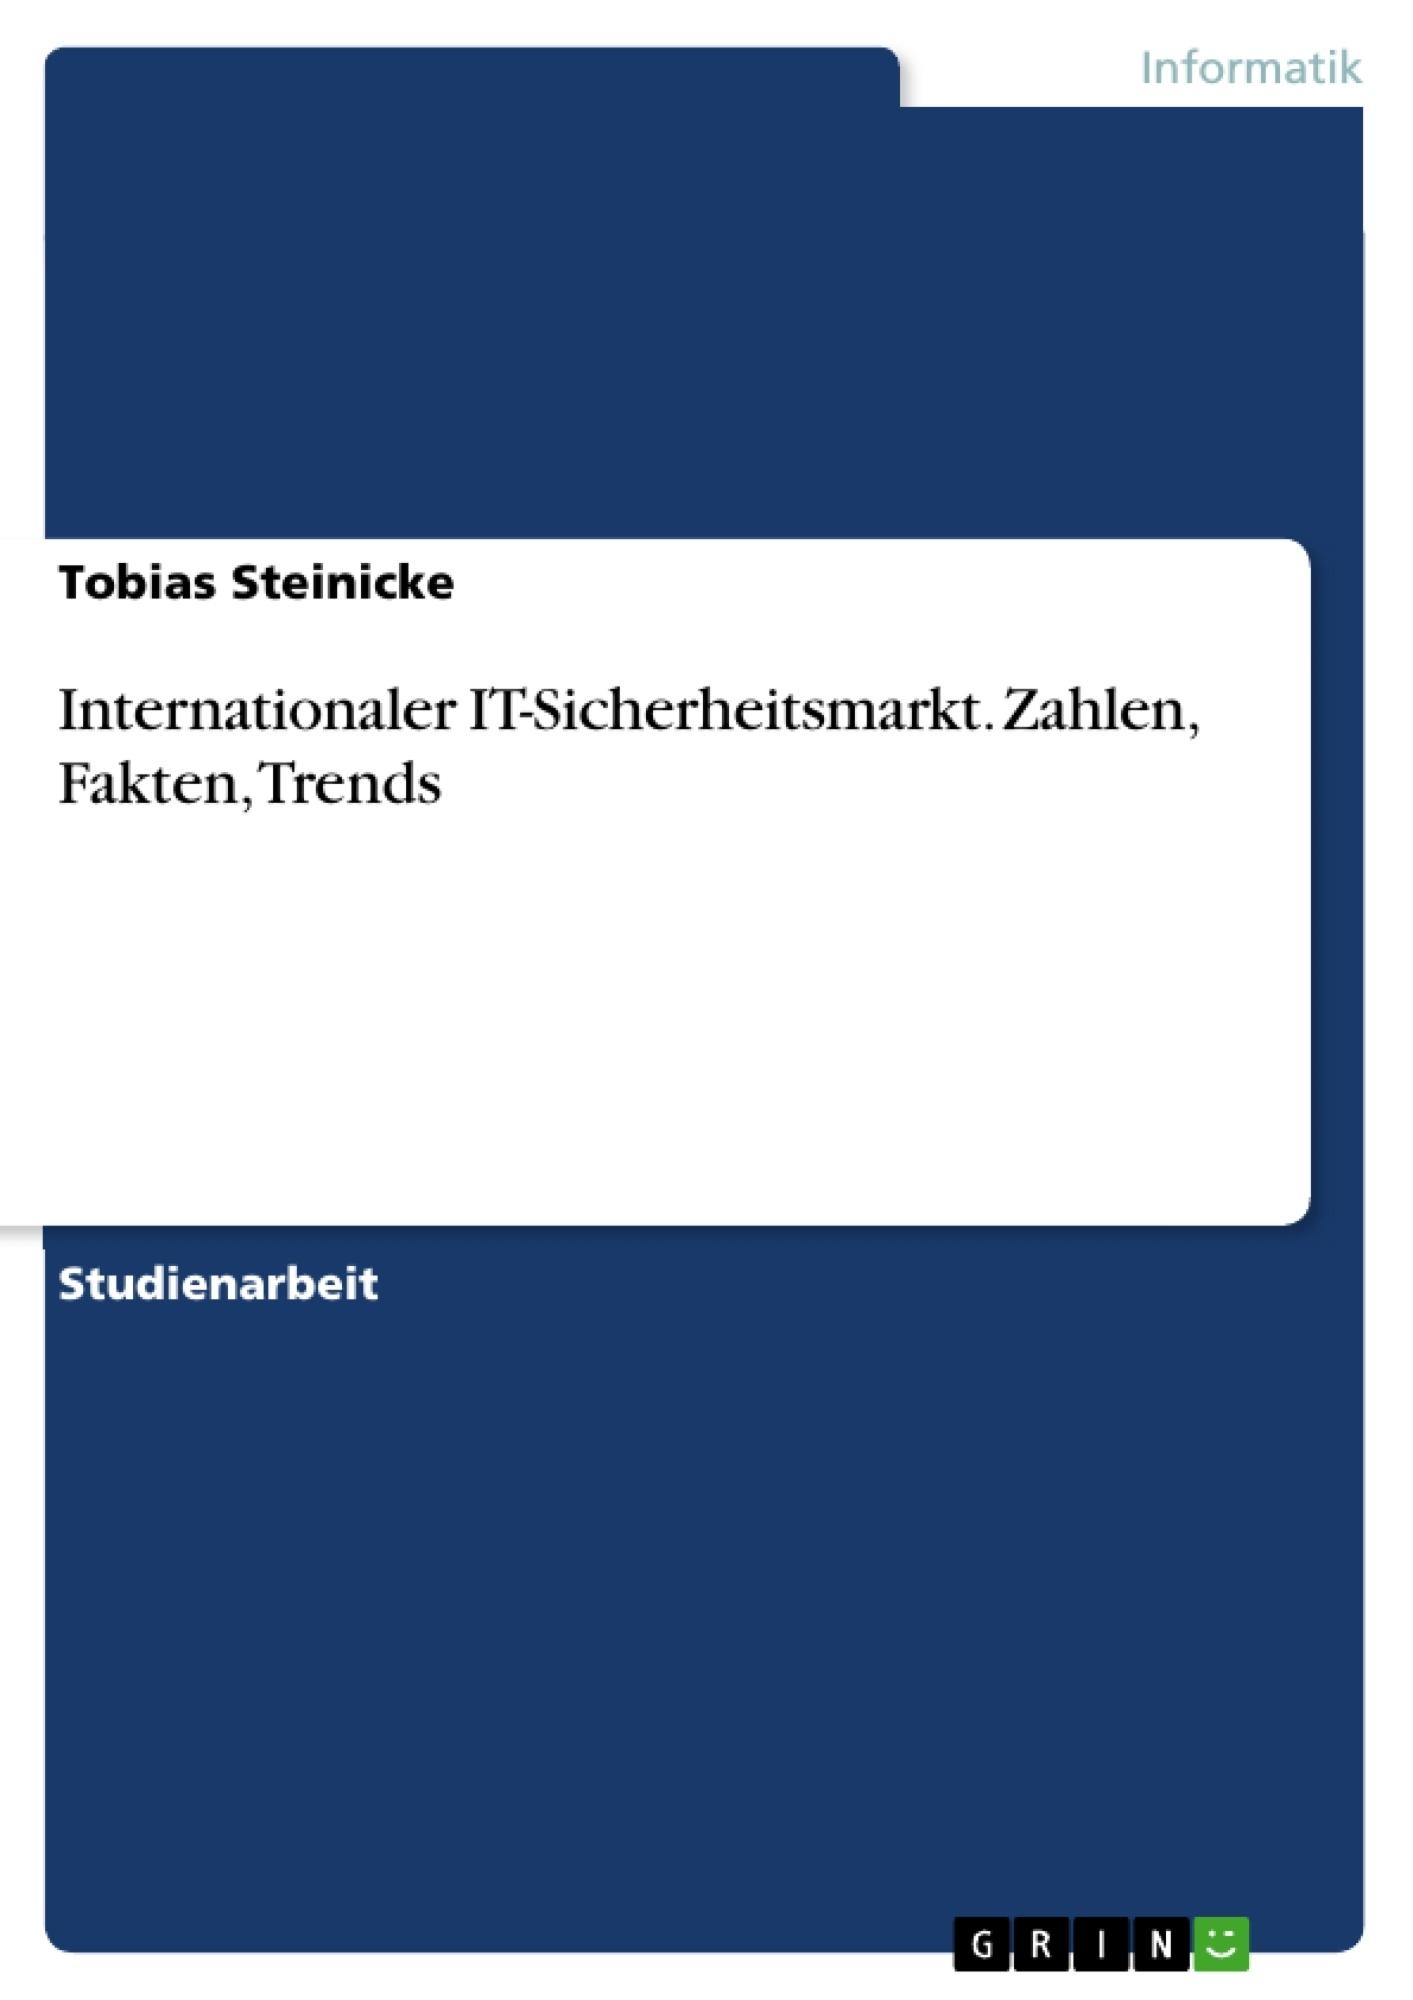 Titel: Internationaler IT-Sicherheitsmarkt. Zahlen, Fakten, Trends